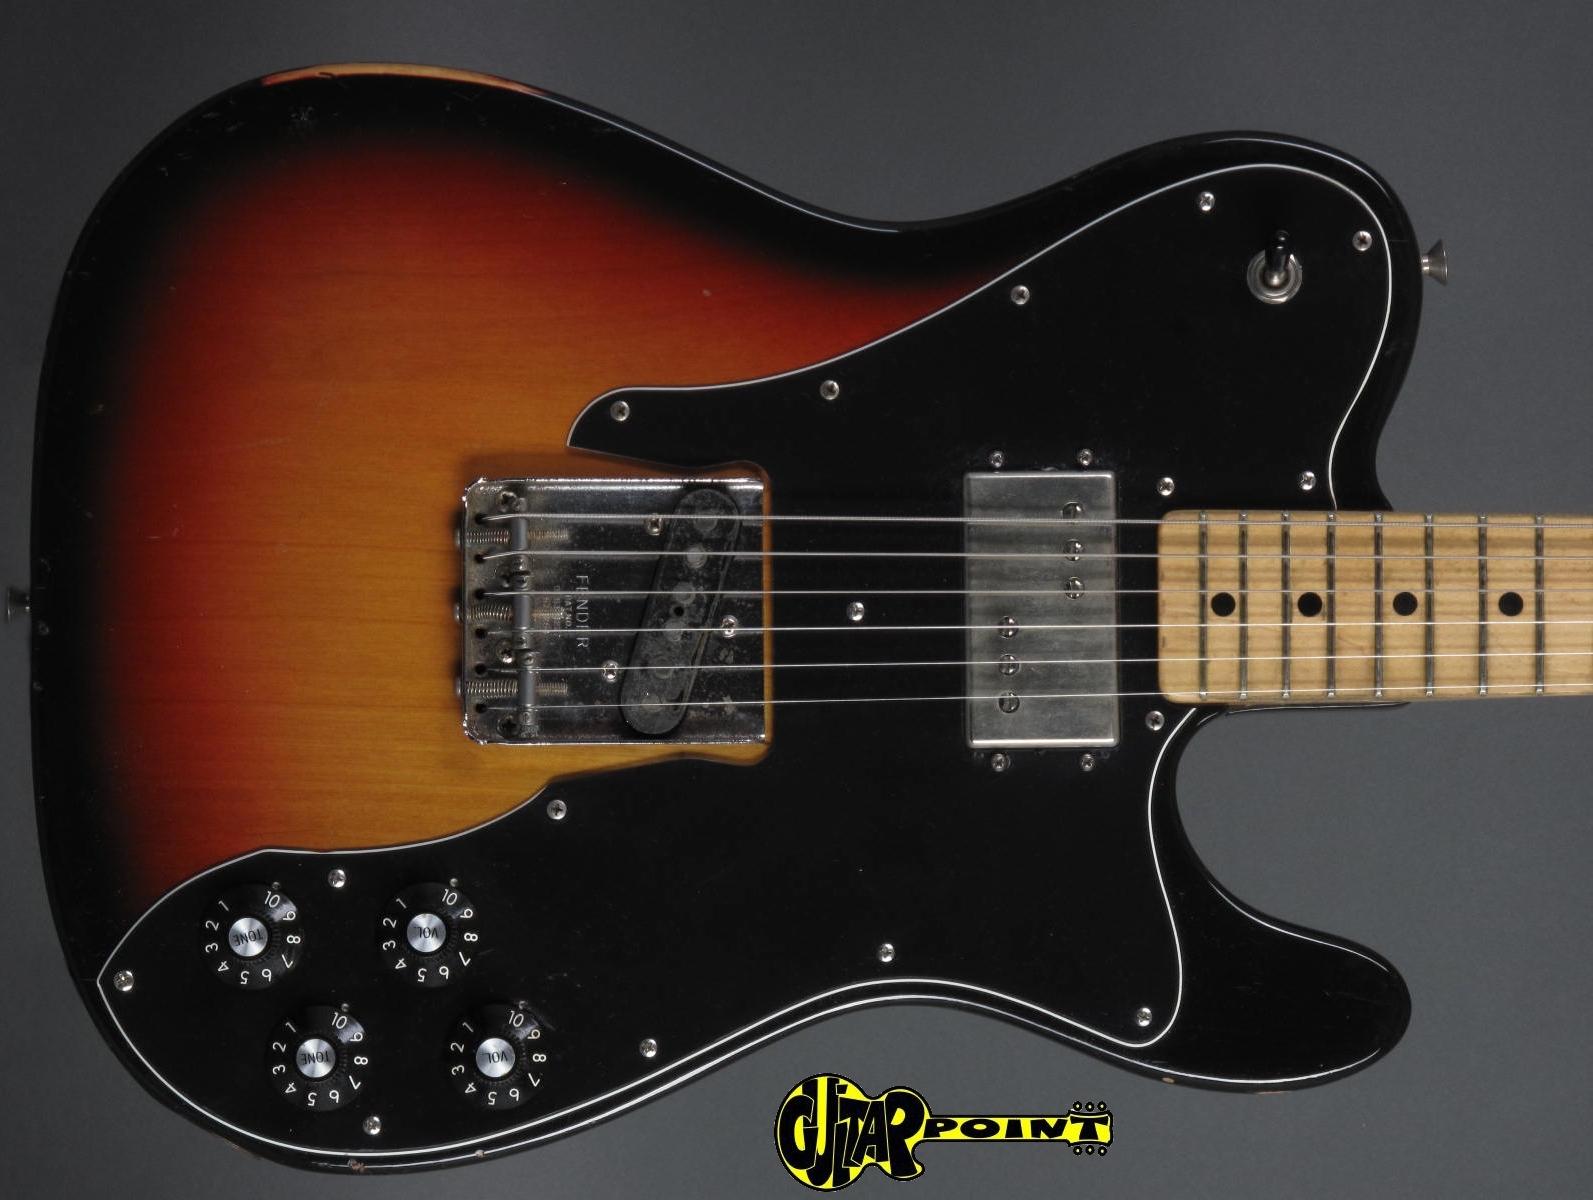 fender telecaster custom 1973 3 tone sunburst guitar for sale guitarpoint. Black Bedroom Furniture Sets. Home Design Ideas